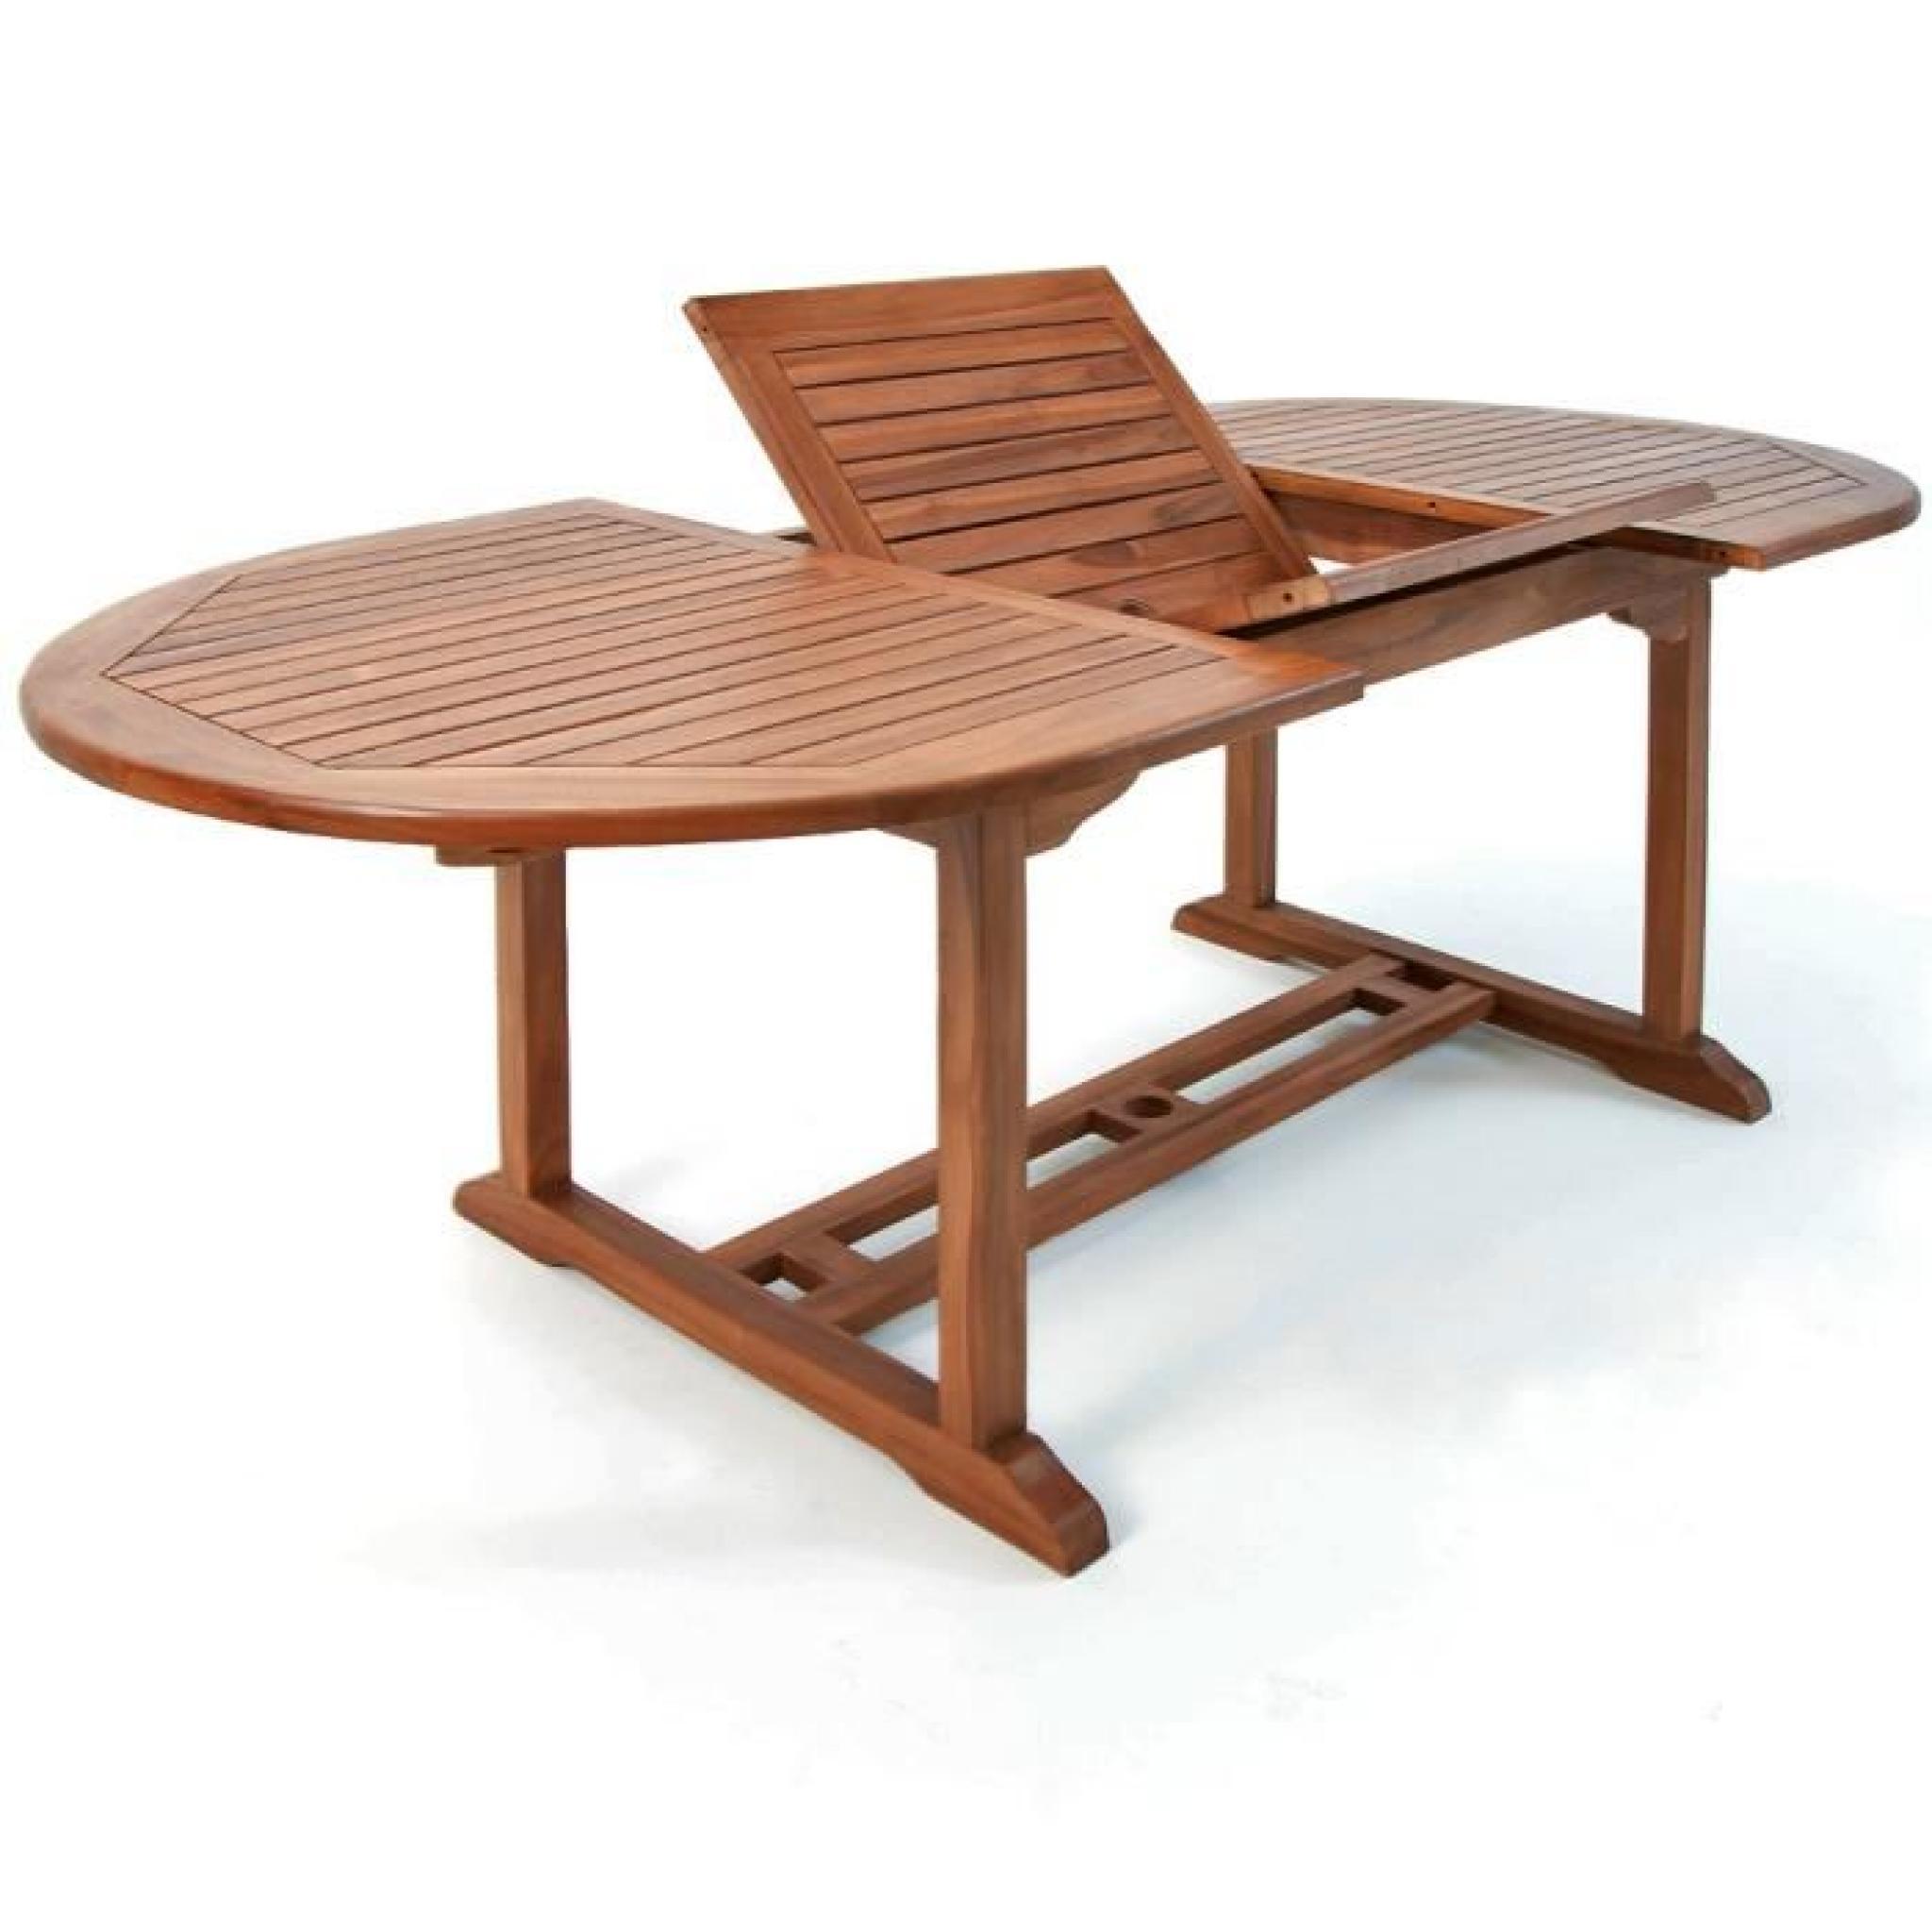 Salon De Jardin Vanamo - Ensemble 7 Pièces Table Et Chaises En Bois Dur intérieur Salon De Jardin En Bois Pas Cher